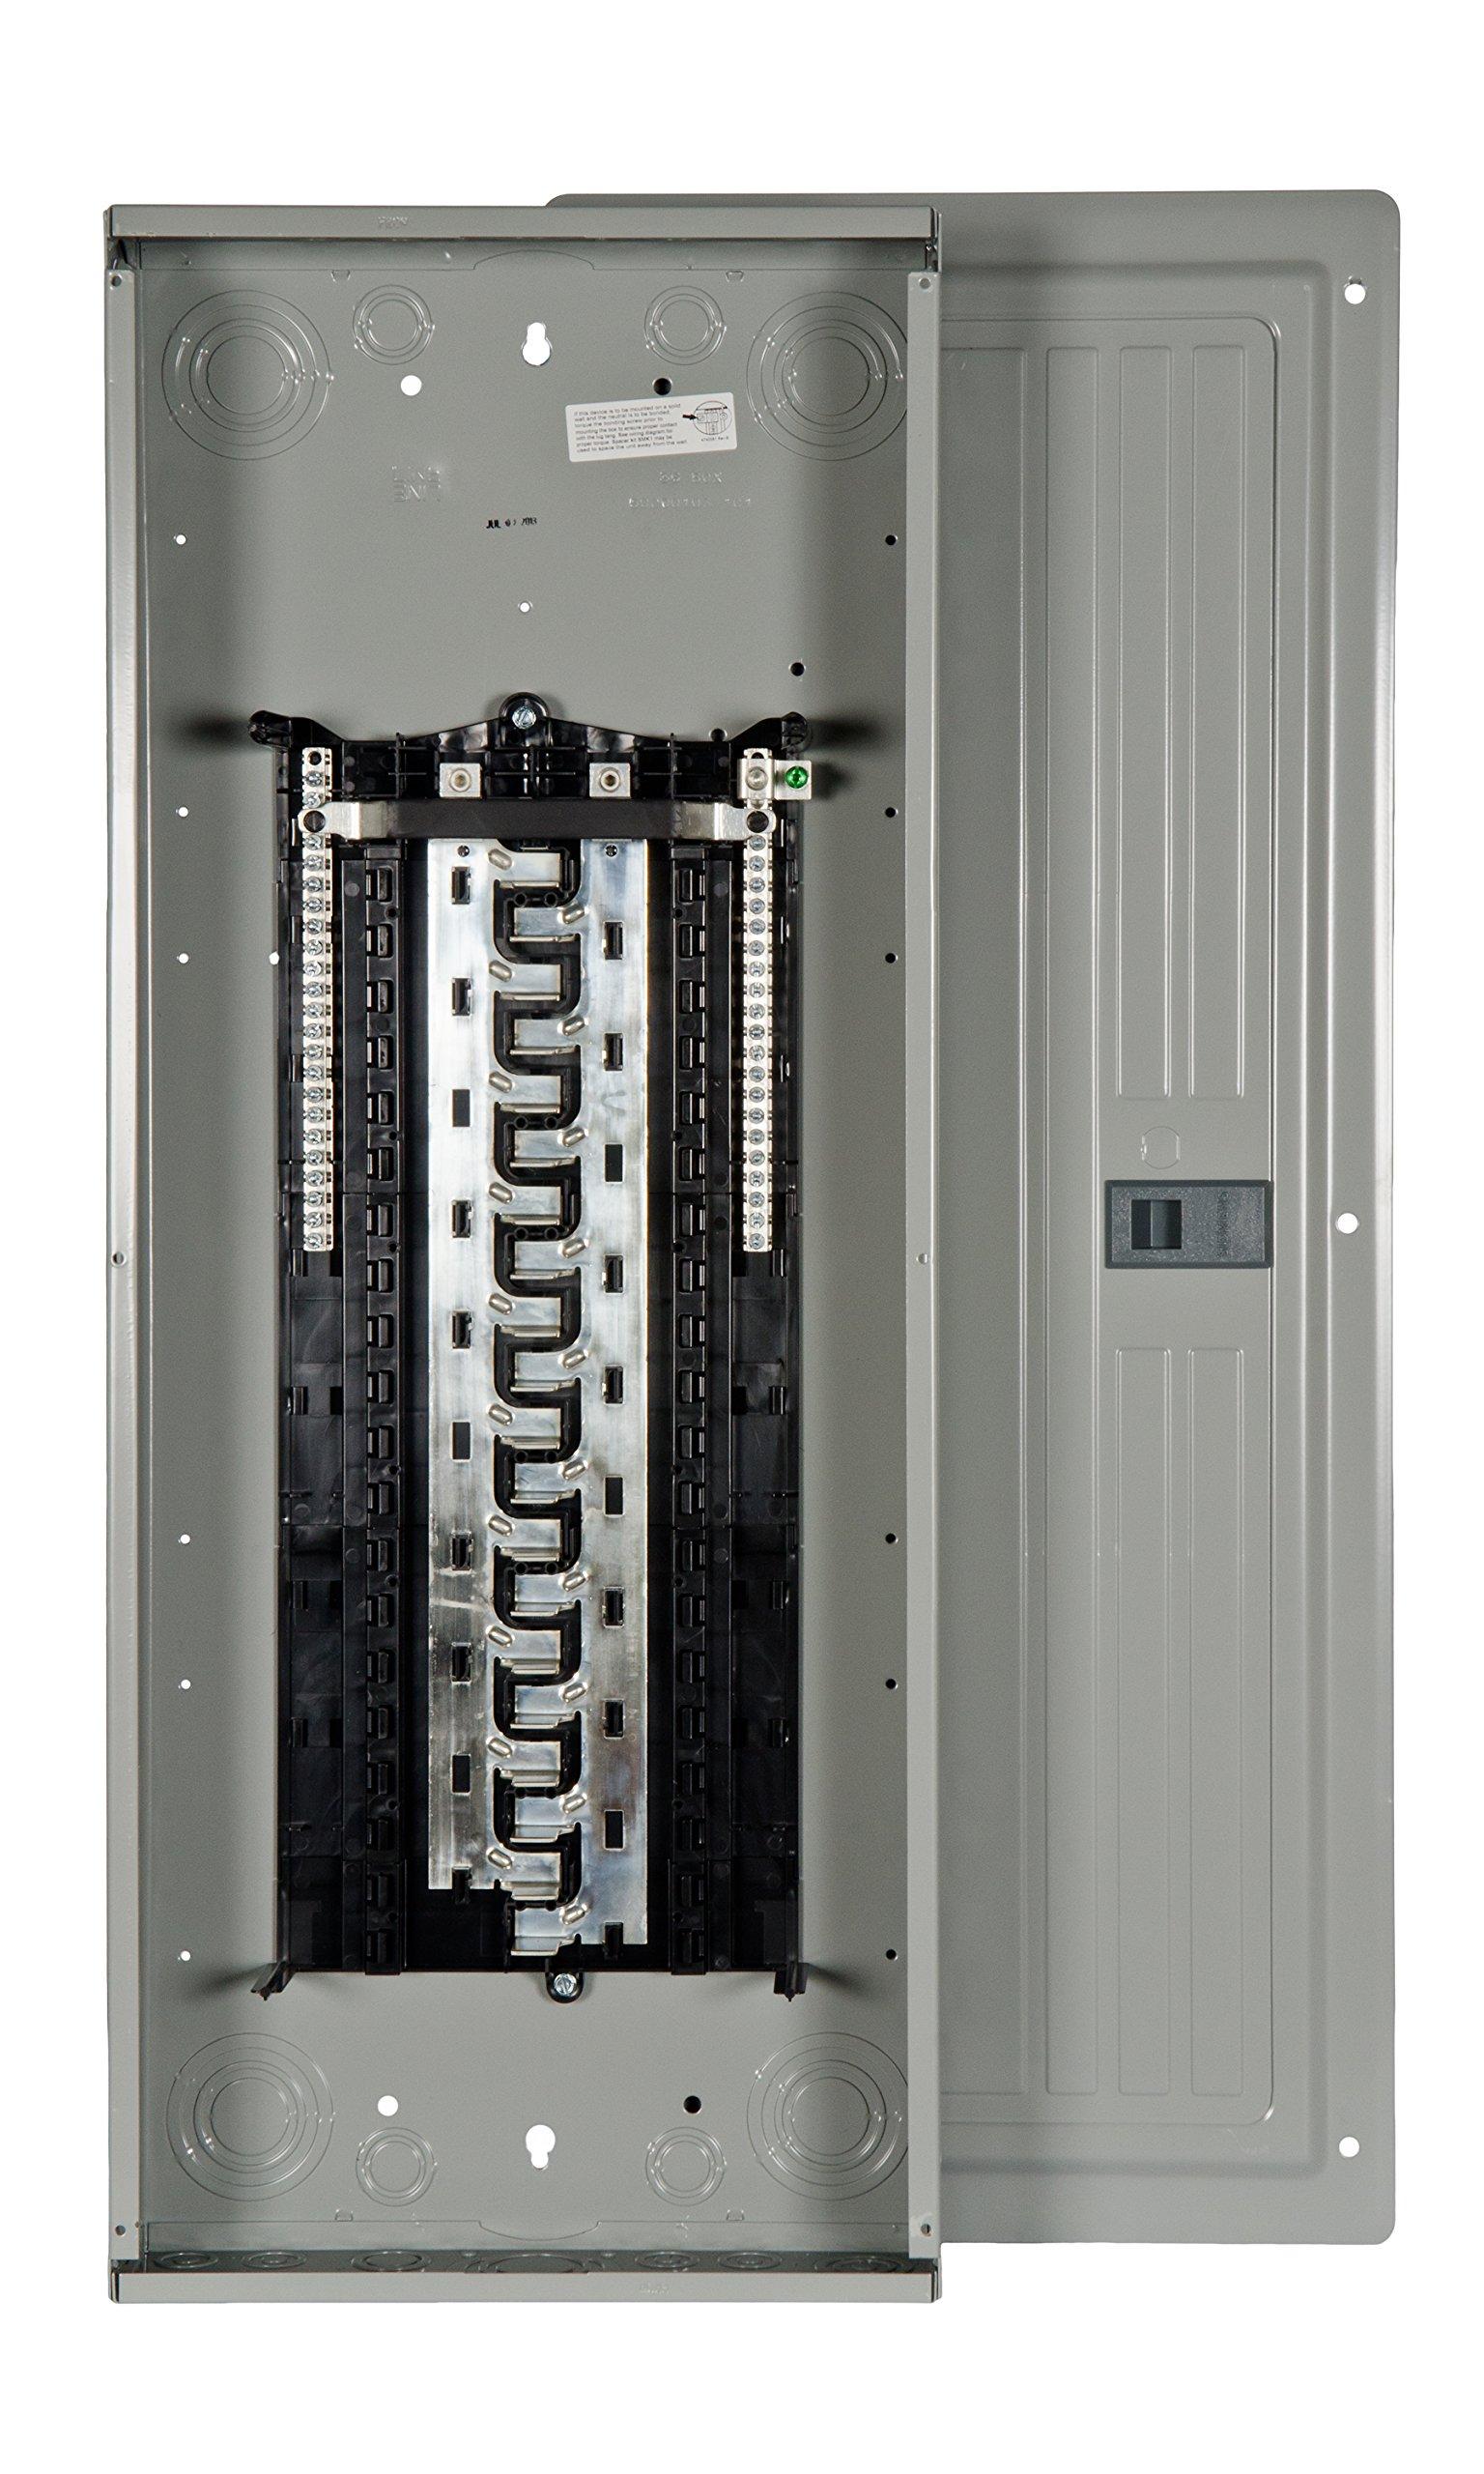 Siemens 125 Amp, 40 space, 40 circuit, Indoor Load Center